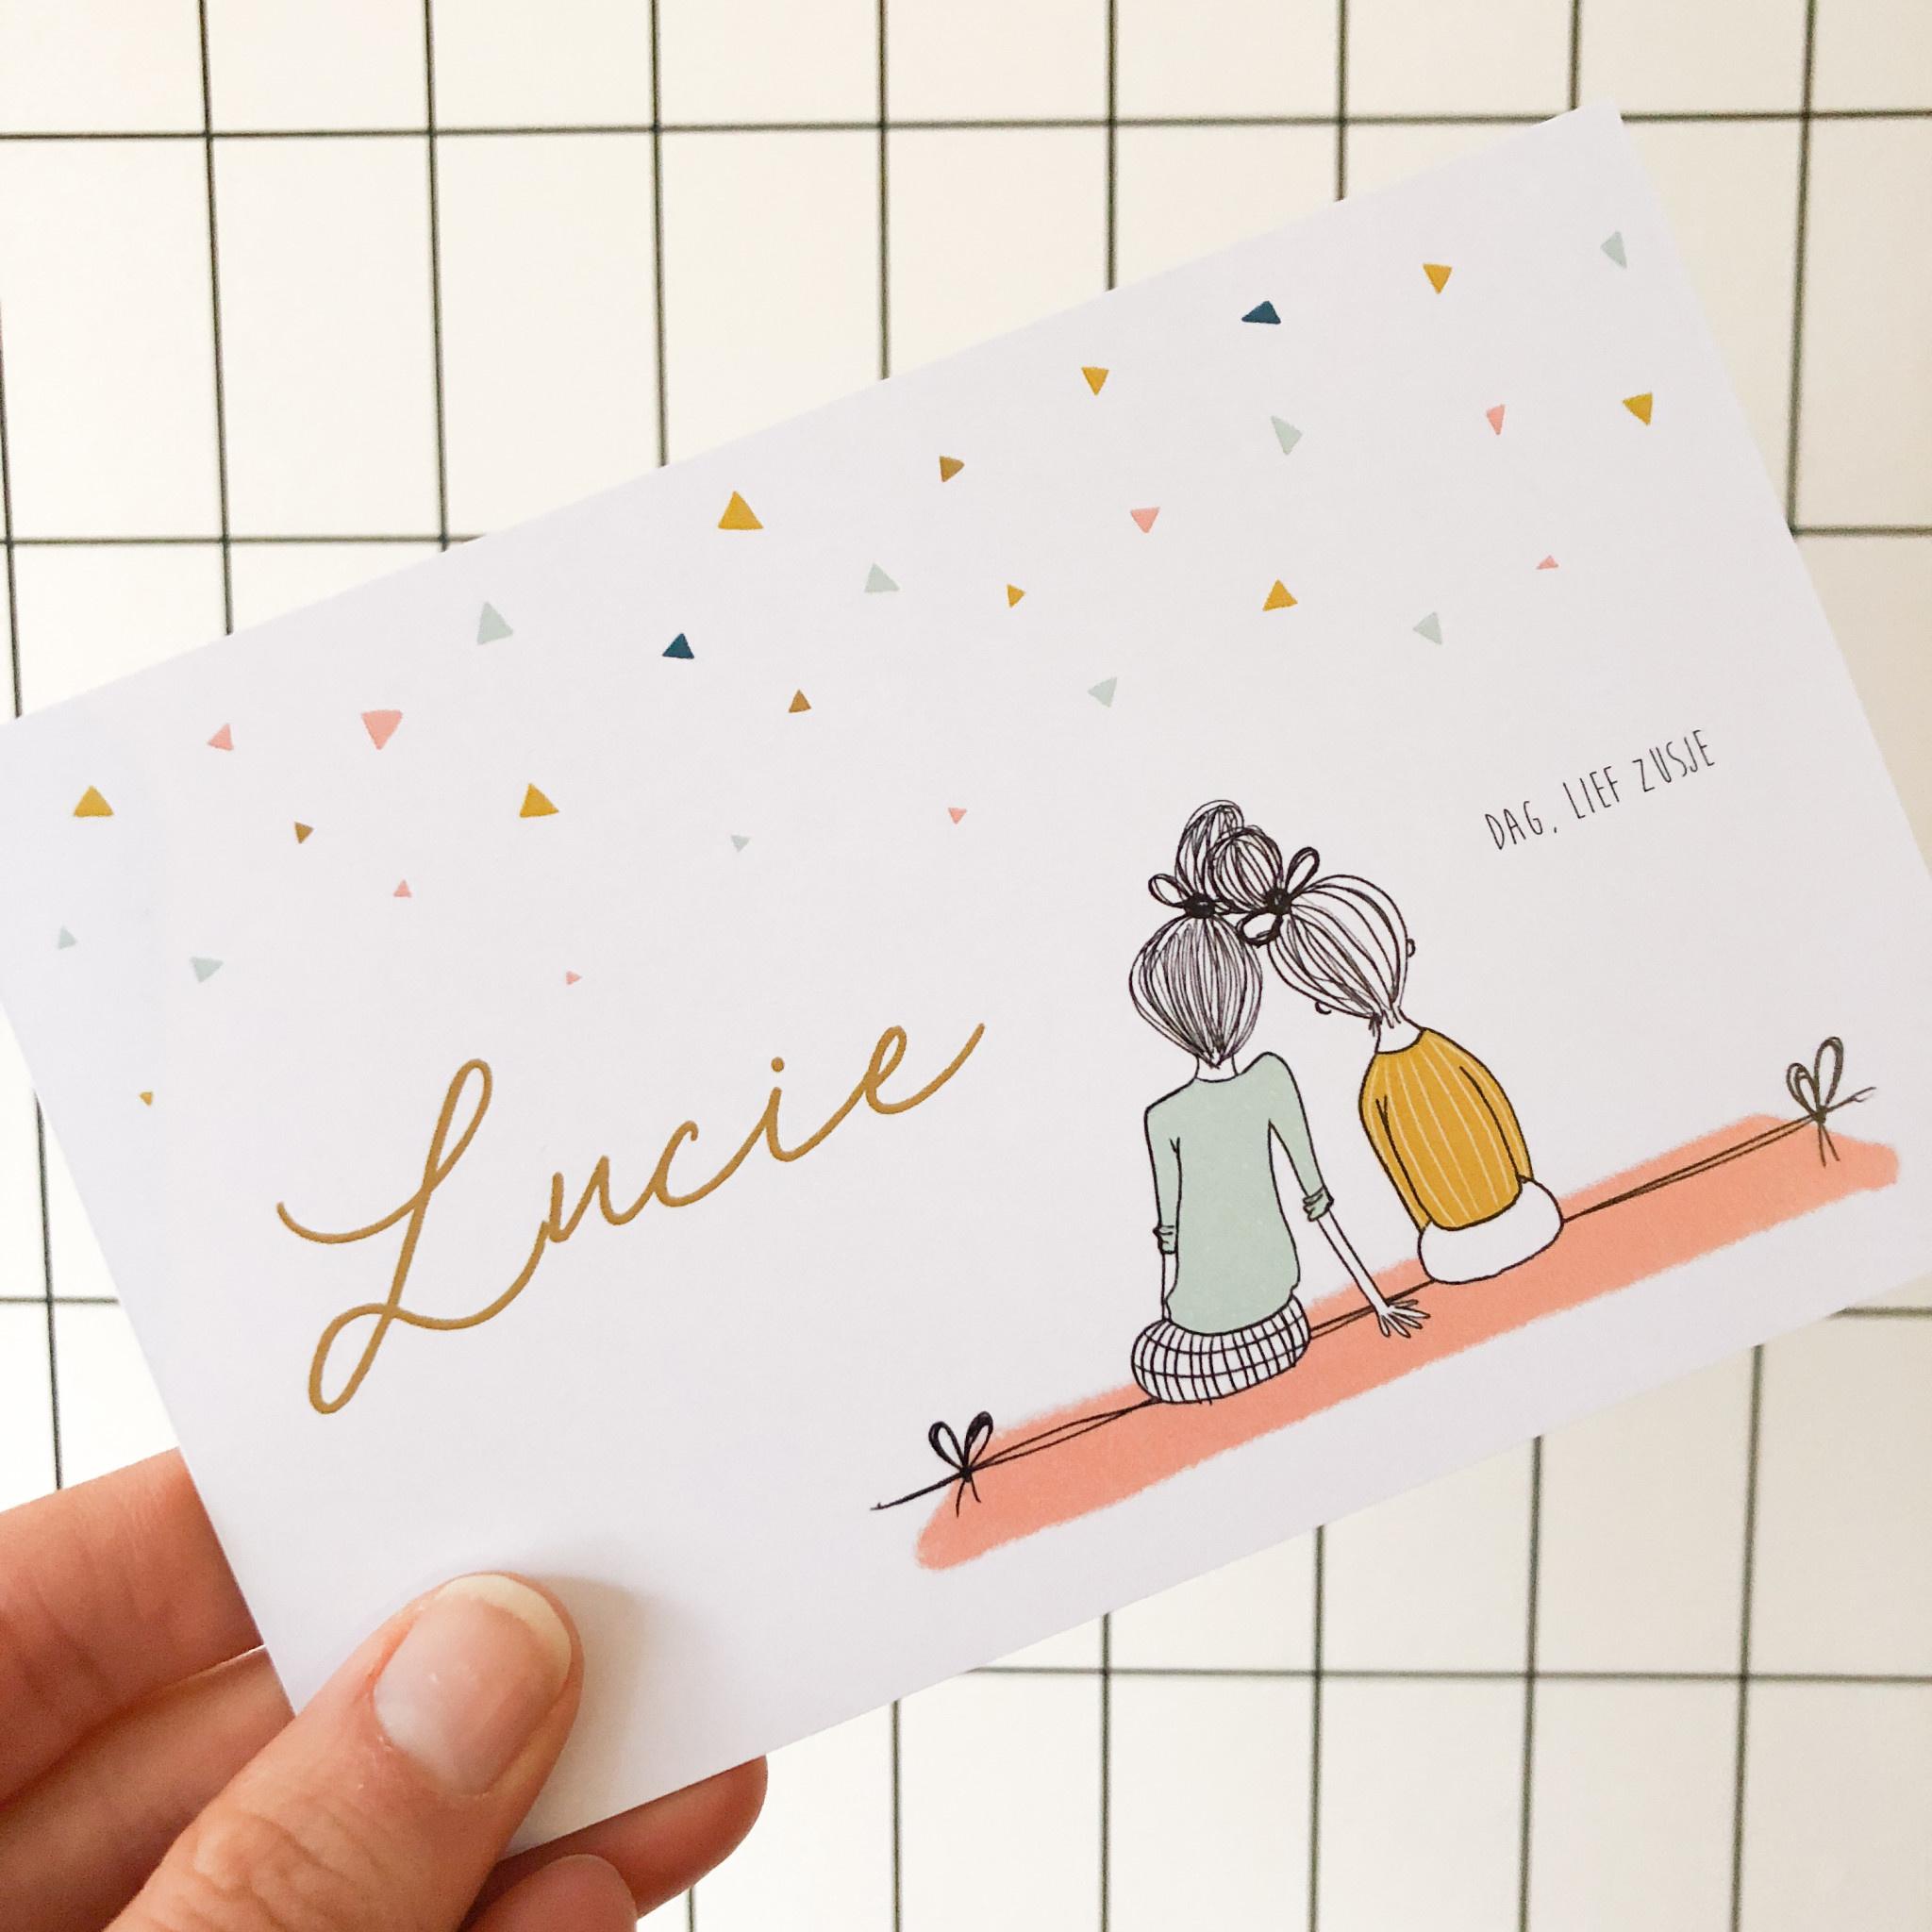 geboren_01-13 Lucie